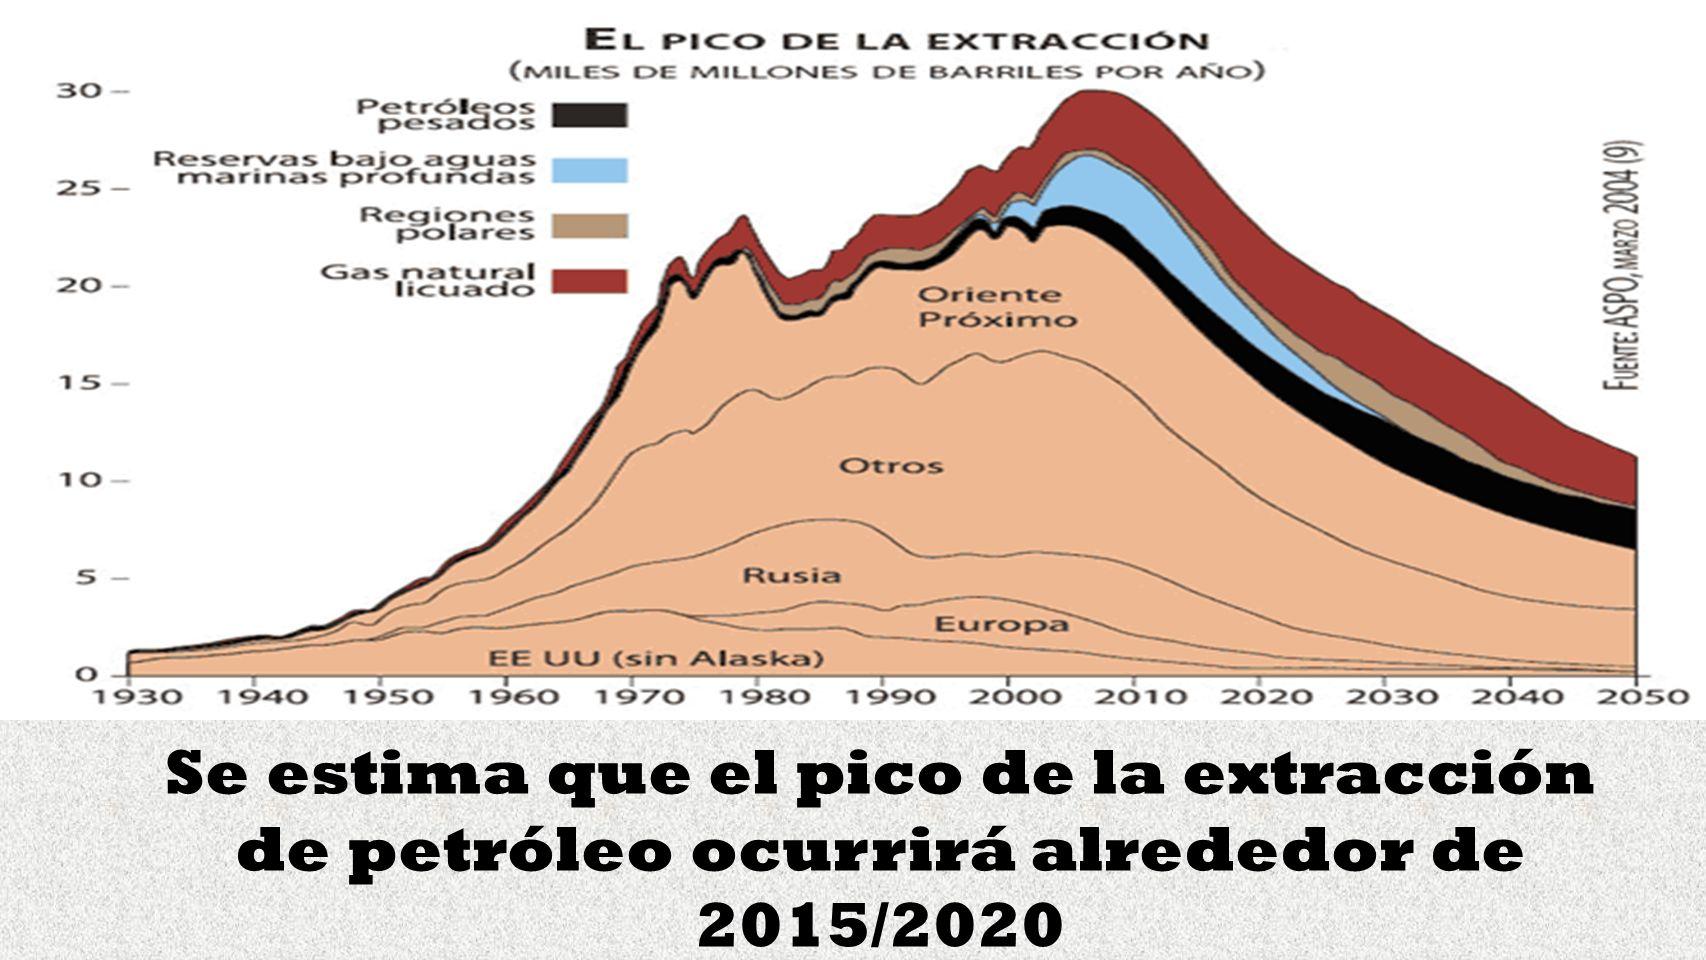 Se estima que el pico de la extracción de petróleo ocurrirá alrededor de 2015/2020